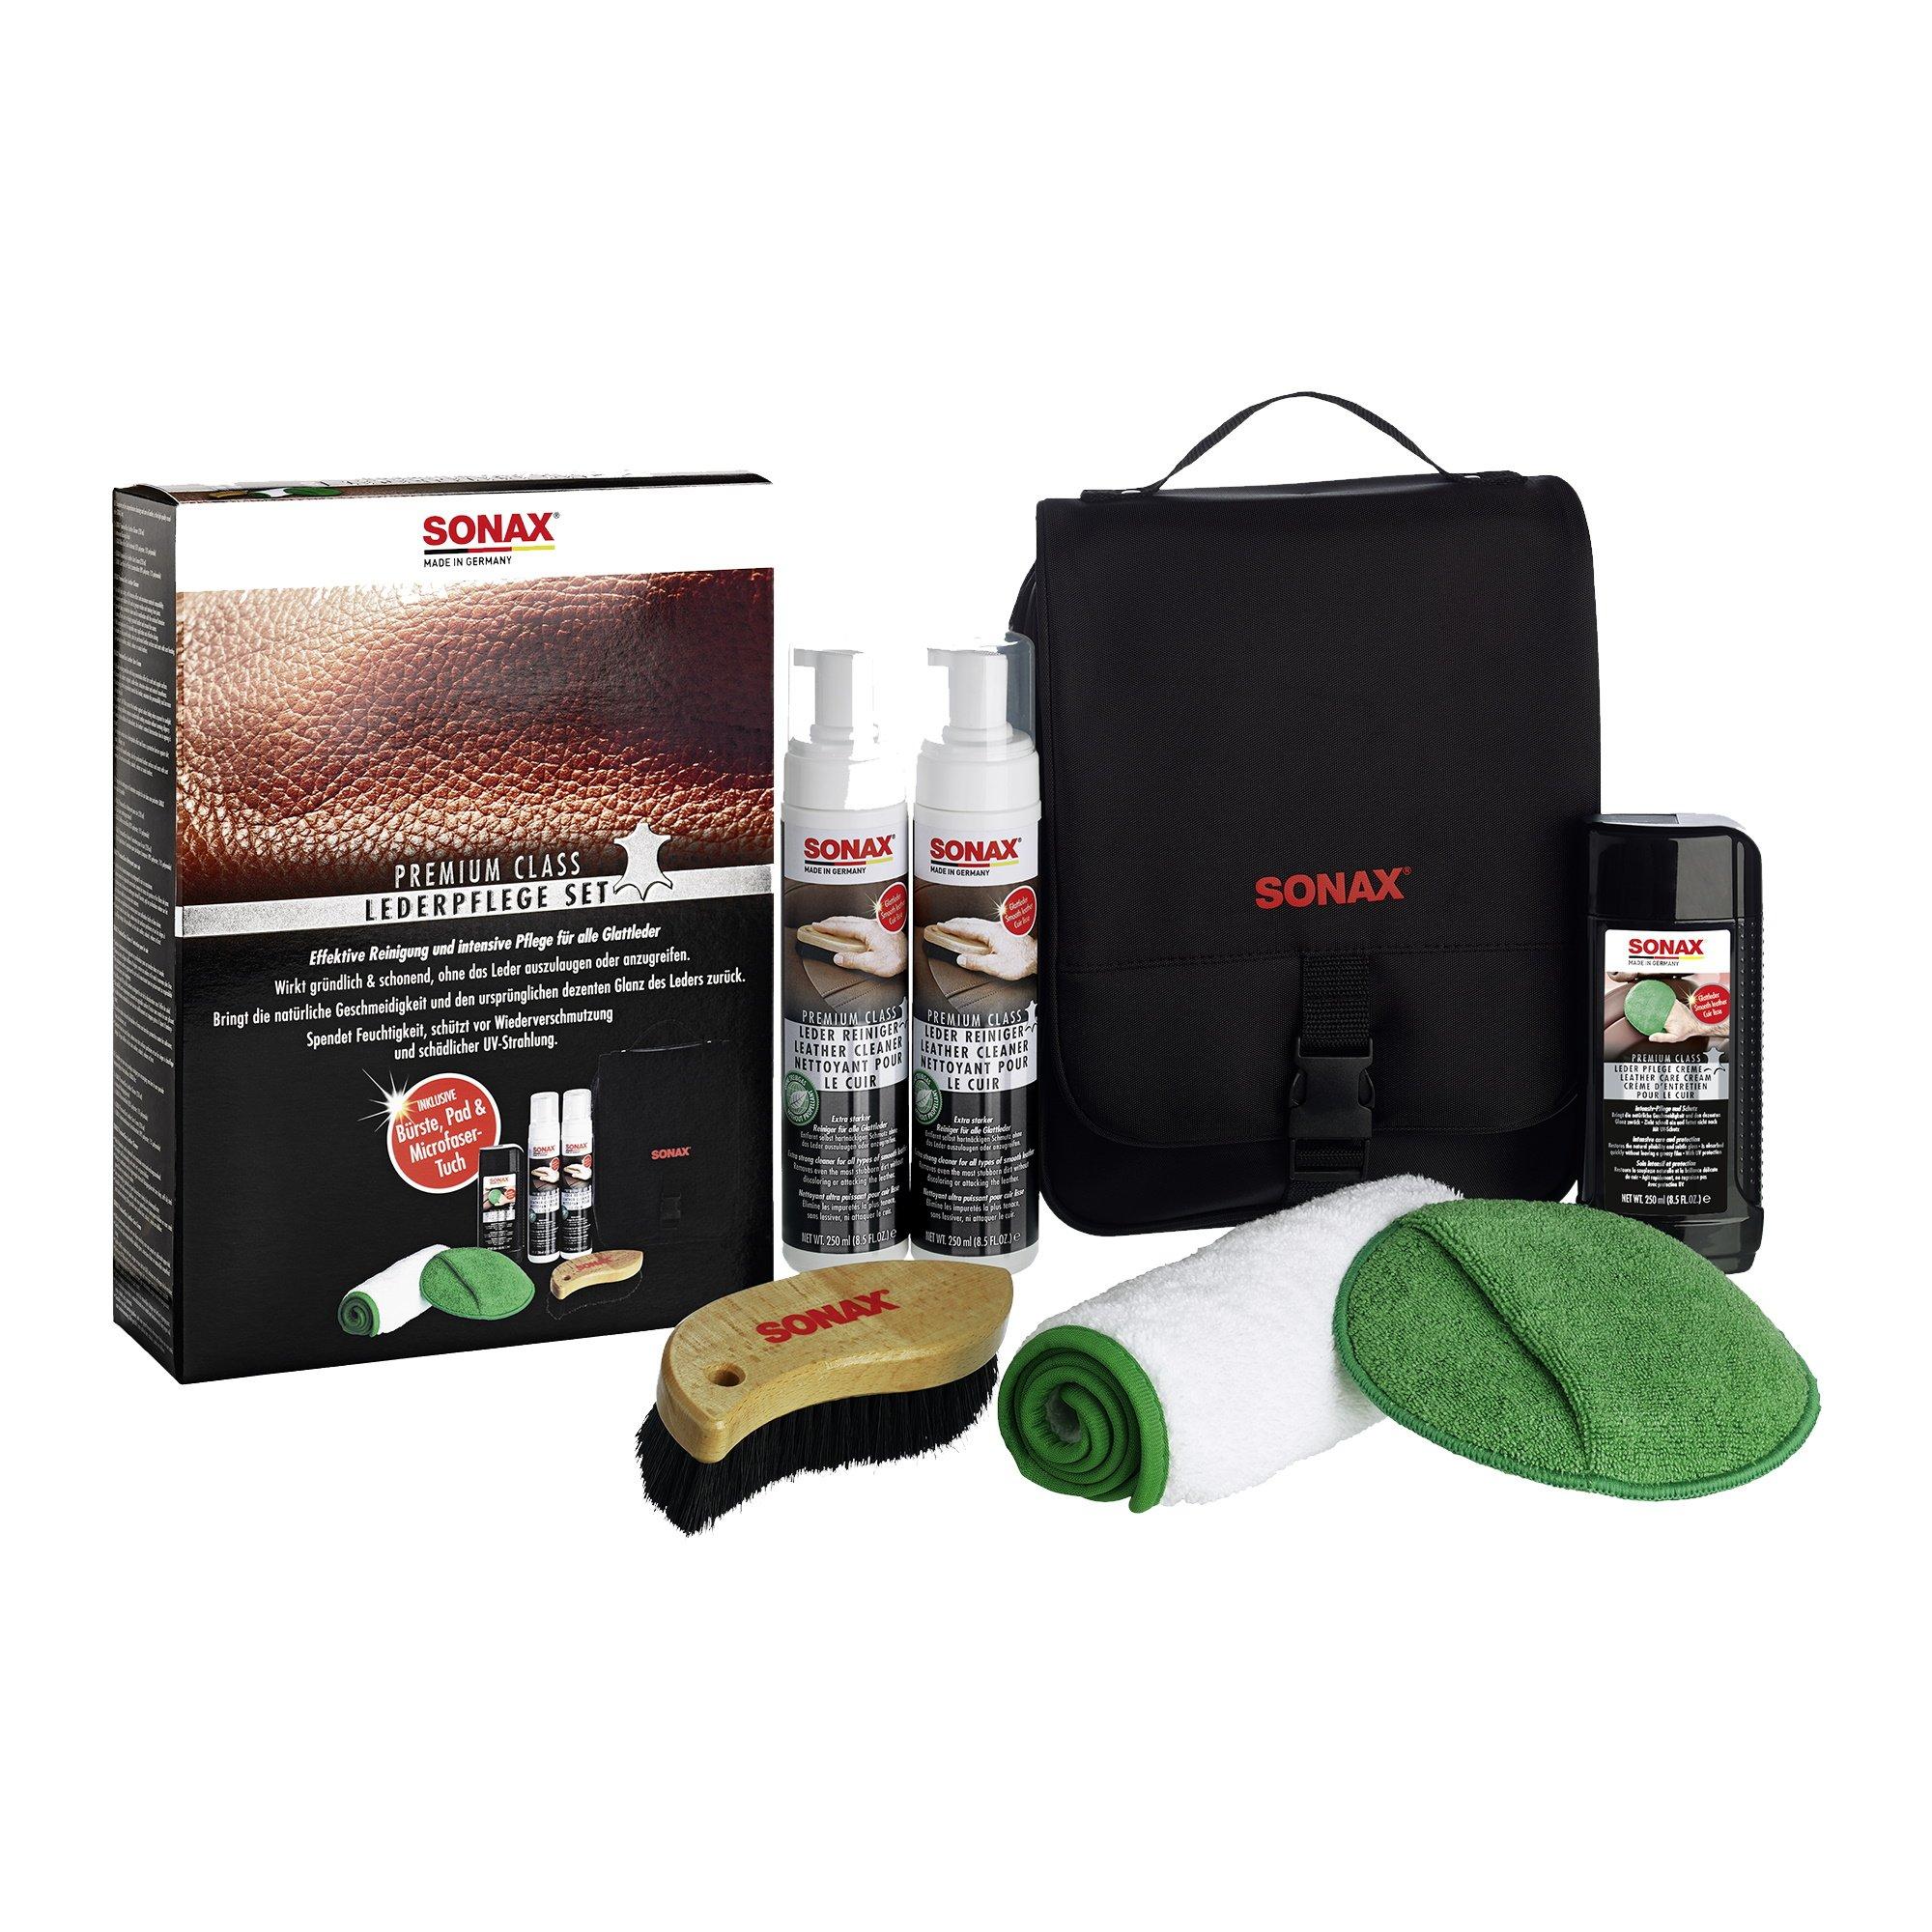 SONAX PremiumClass Leather Care Set - Cullen Car Care Shop